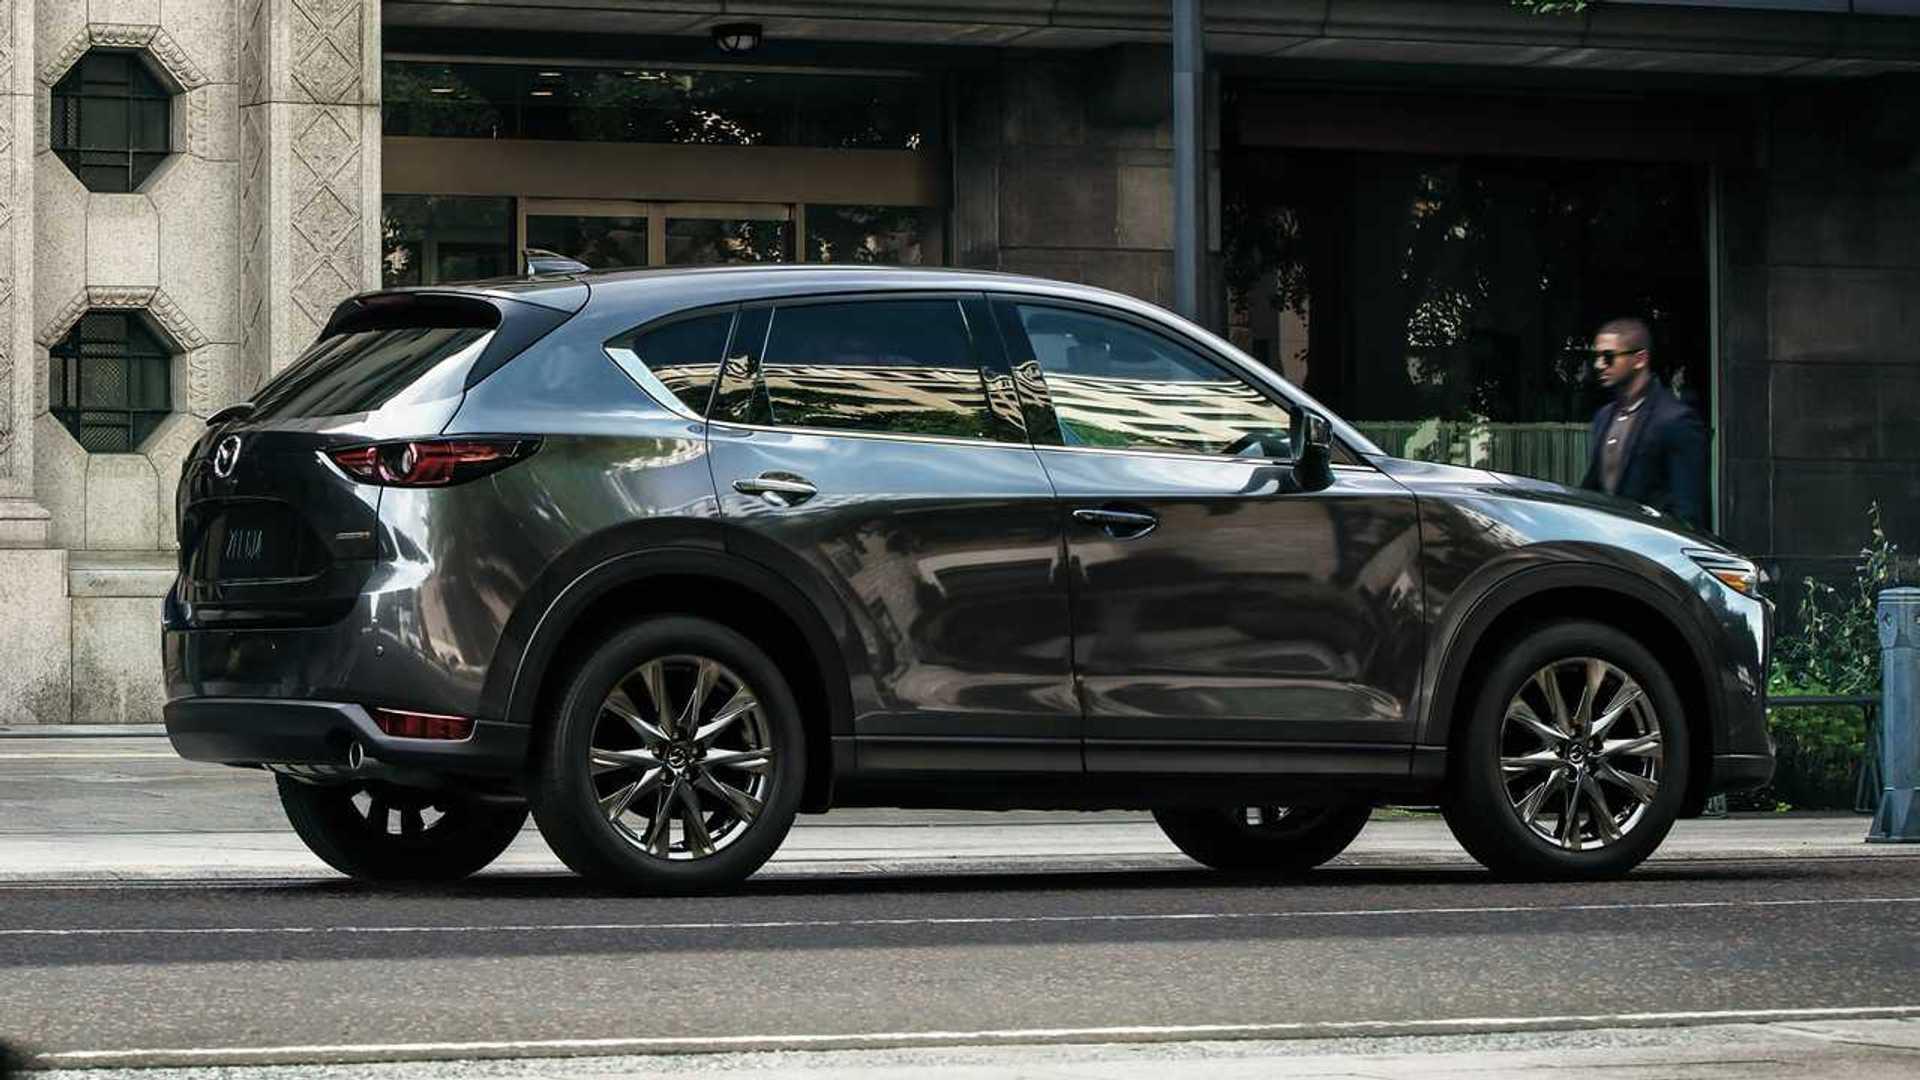 Kelebihan Mazda Zx5 Spesifikasi